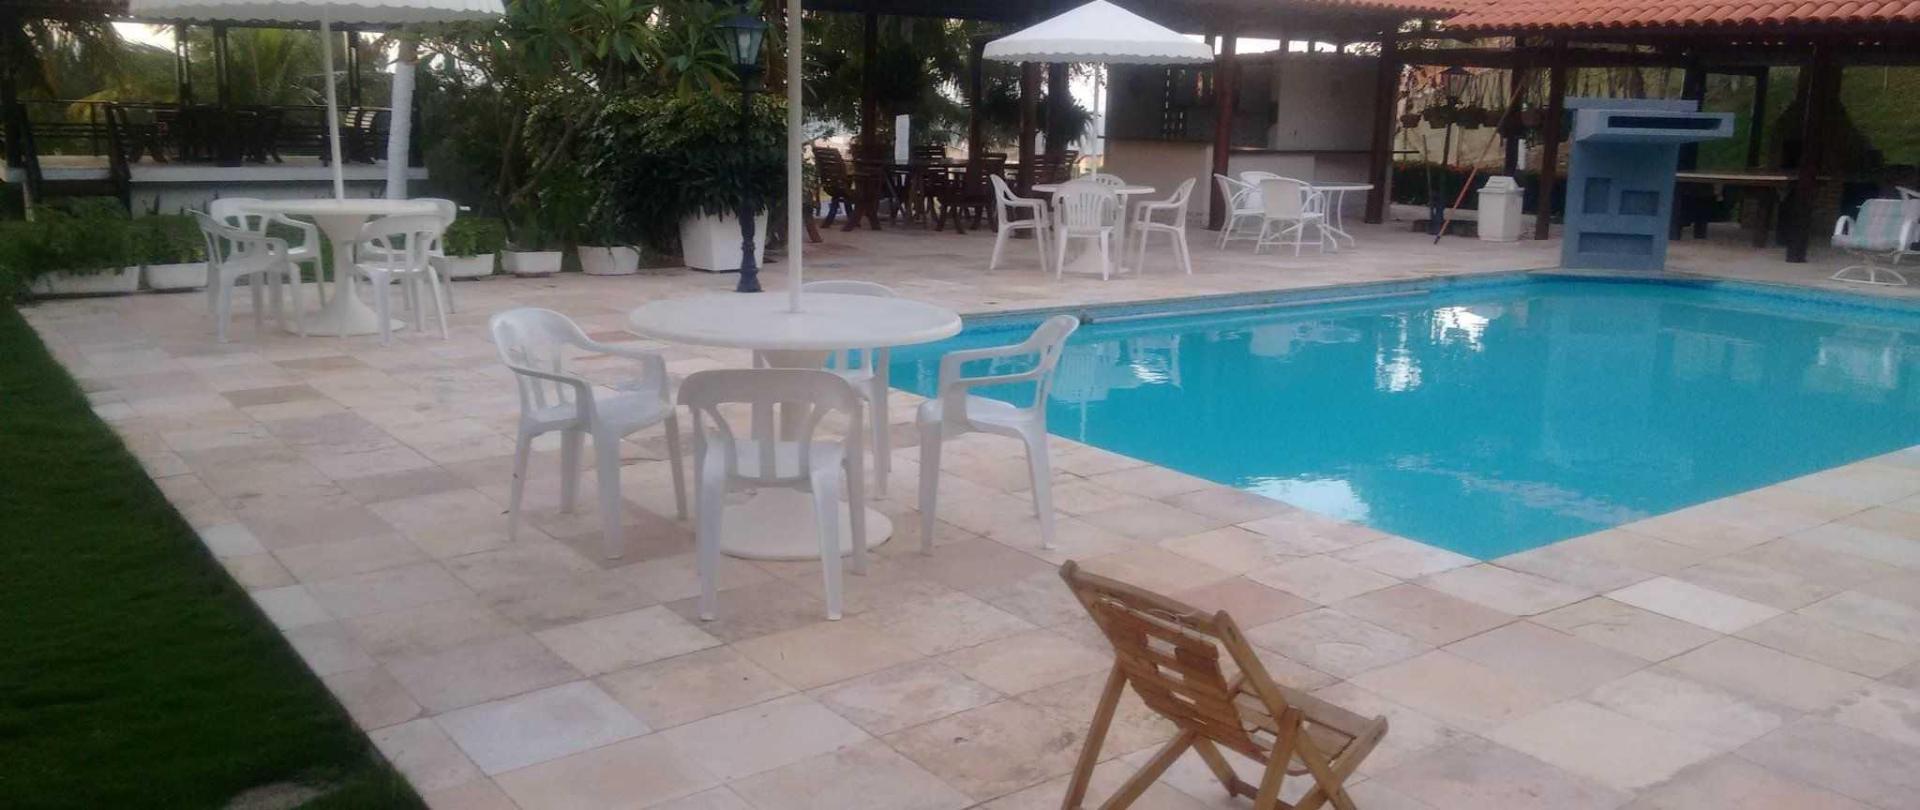 piscina-adt-chd.jpg